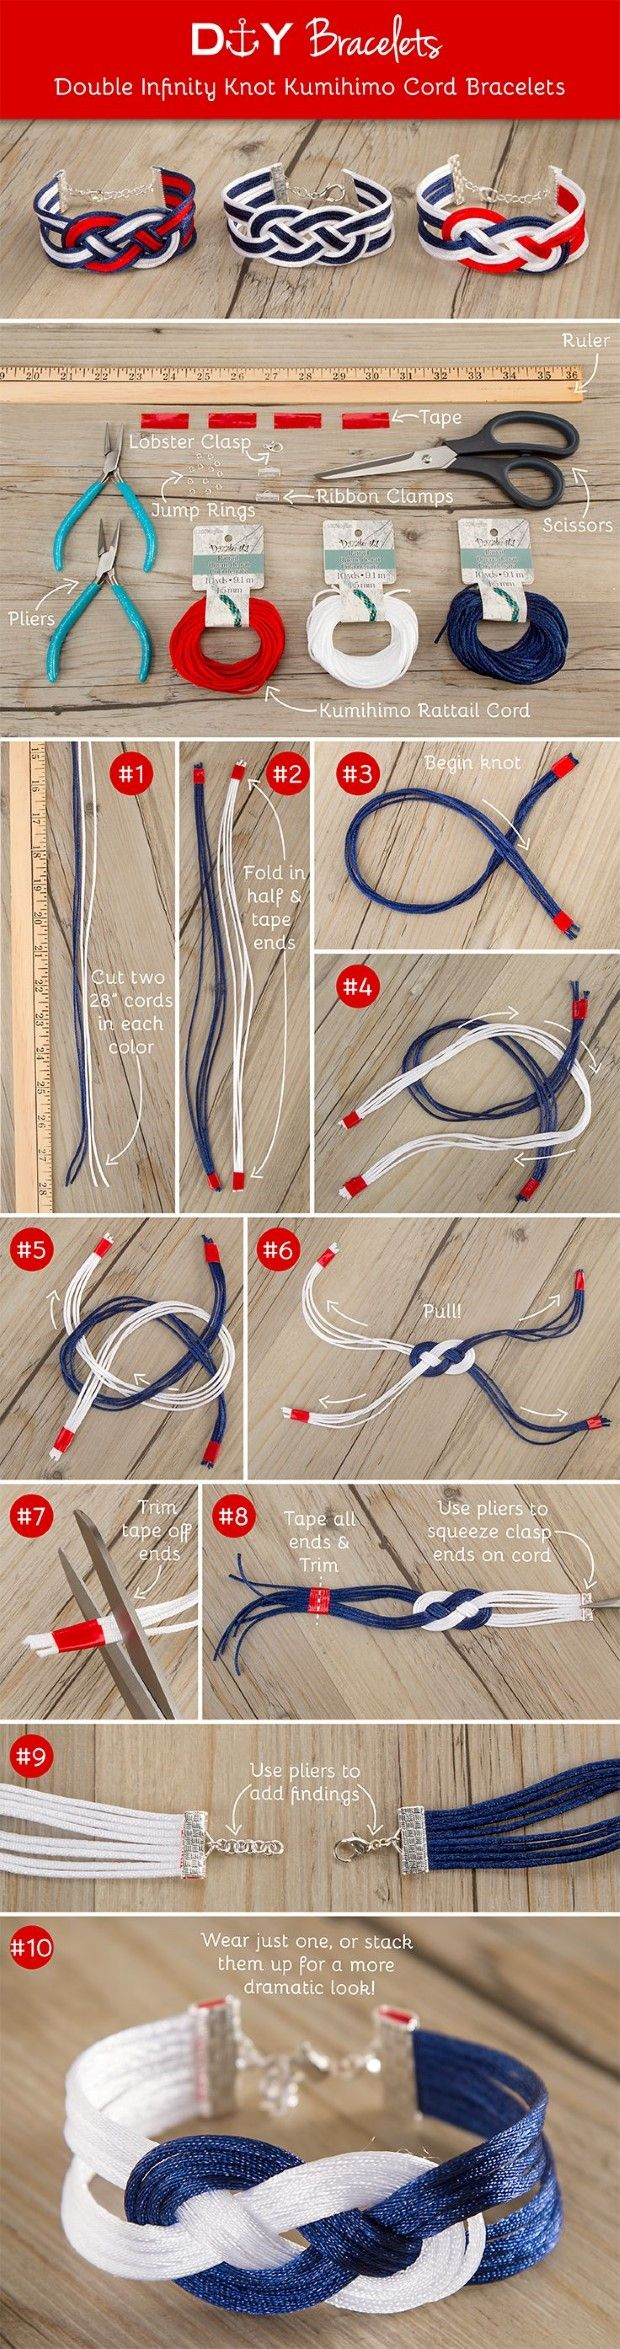 DIY Bracelets Double Infinity knot Kumihimo Cord Bracelets